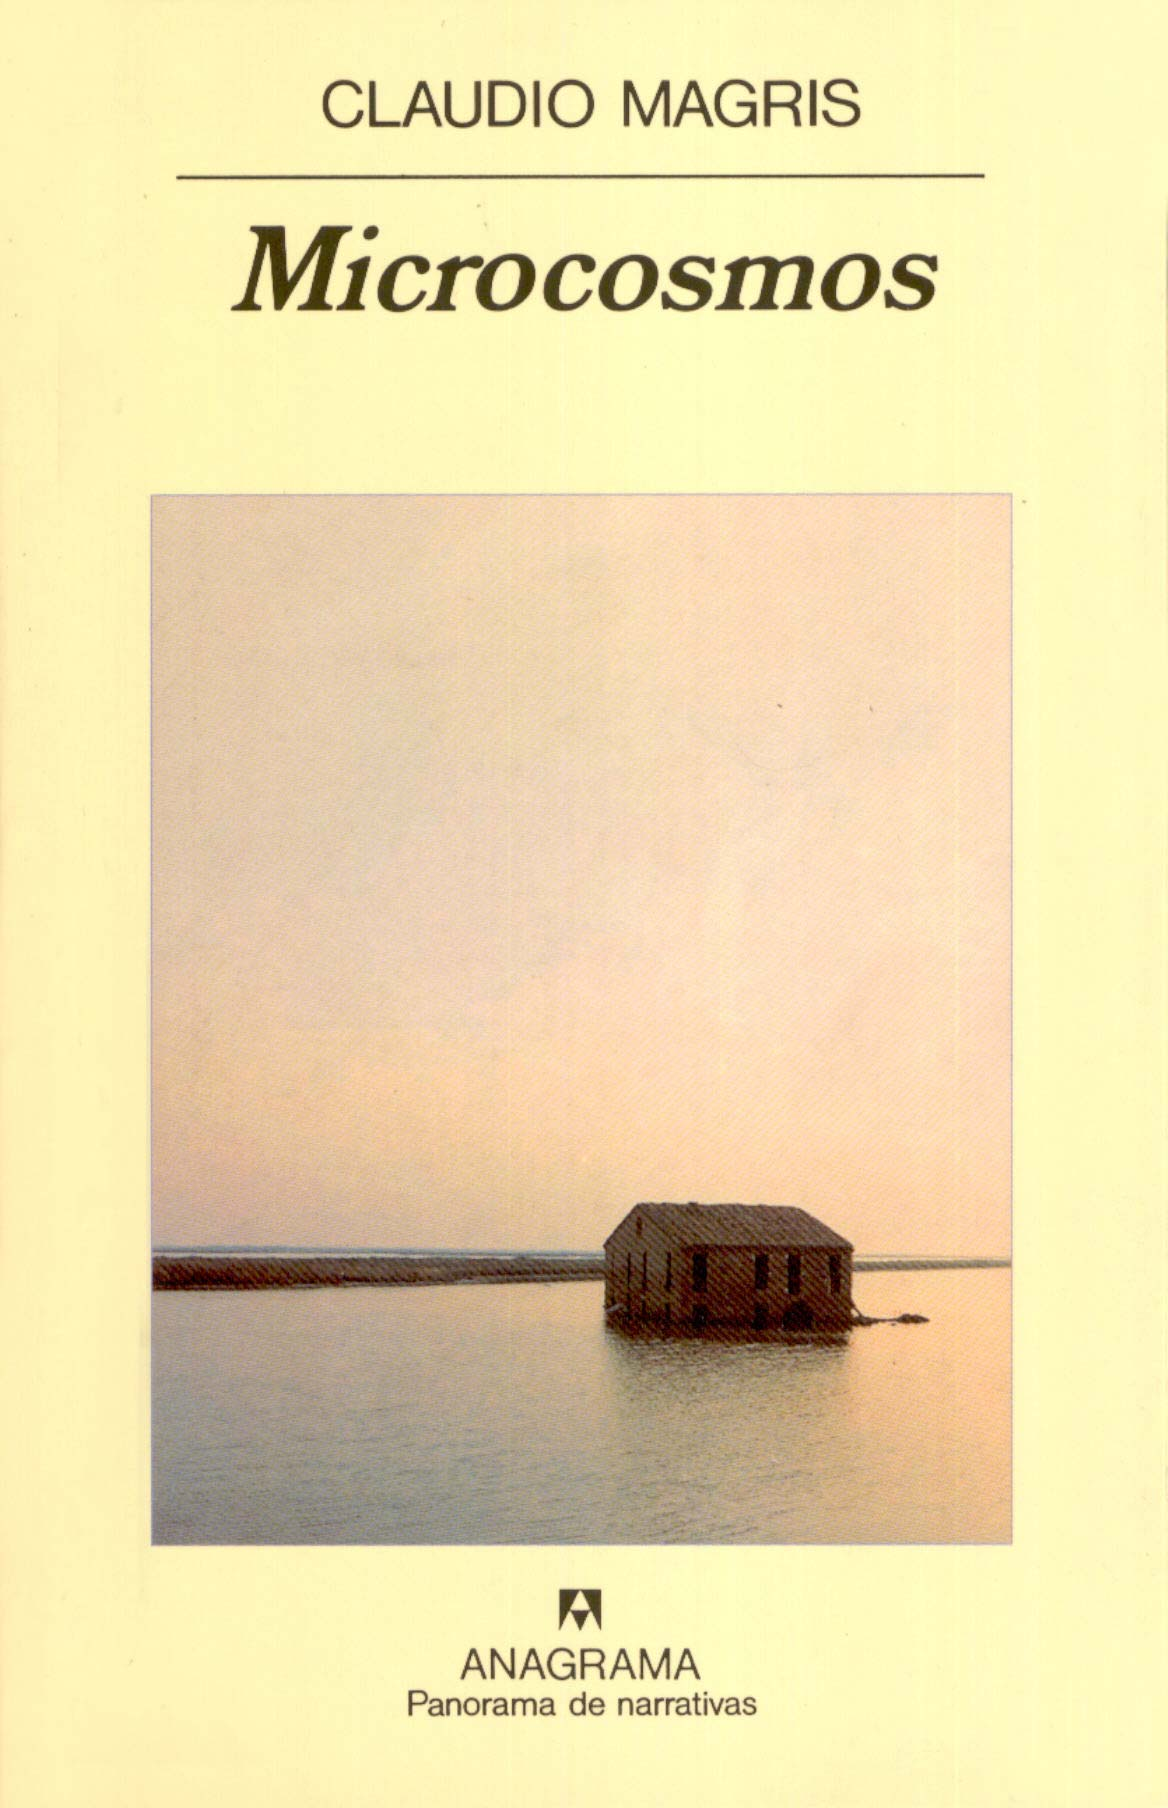 Libro Microcosmos de Claudio Magris